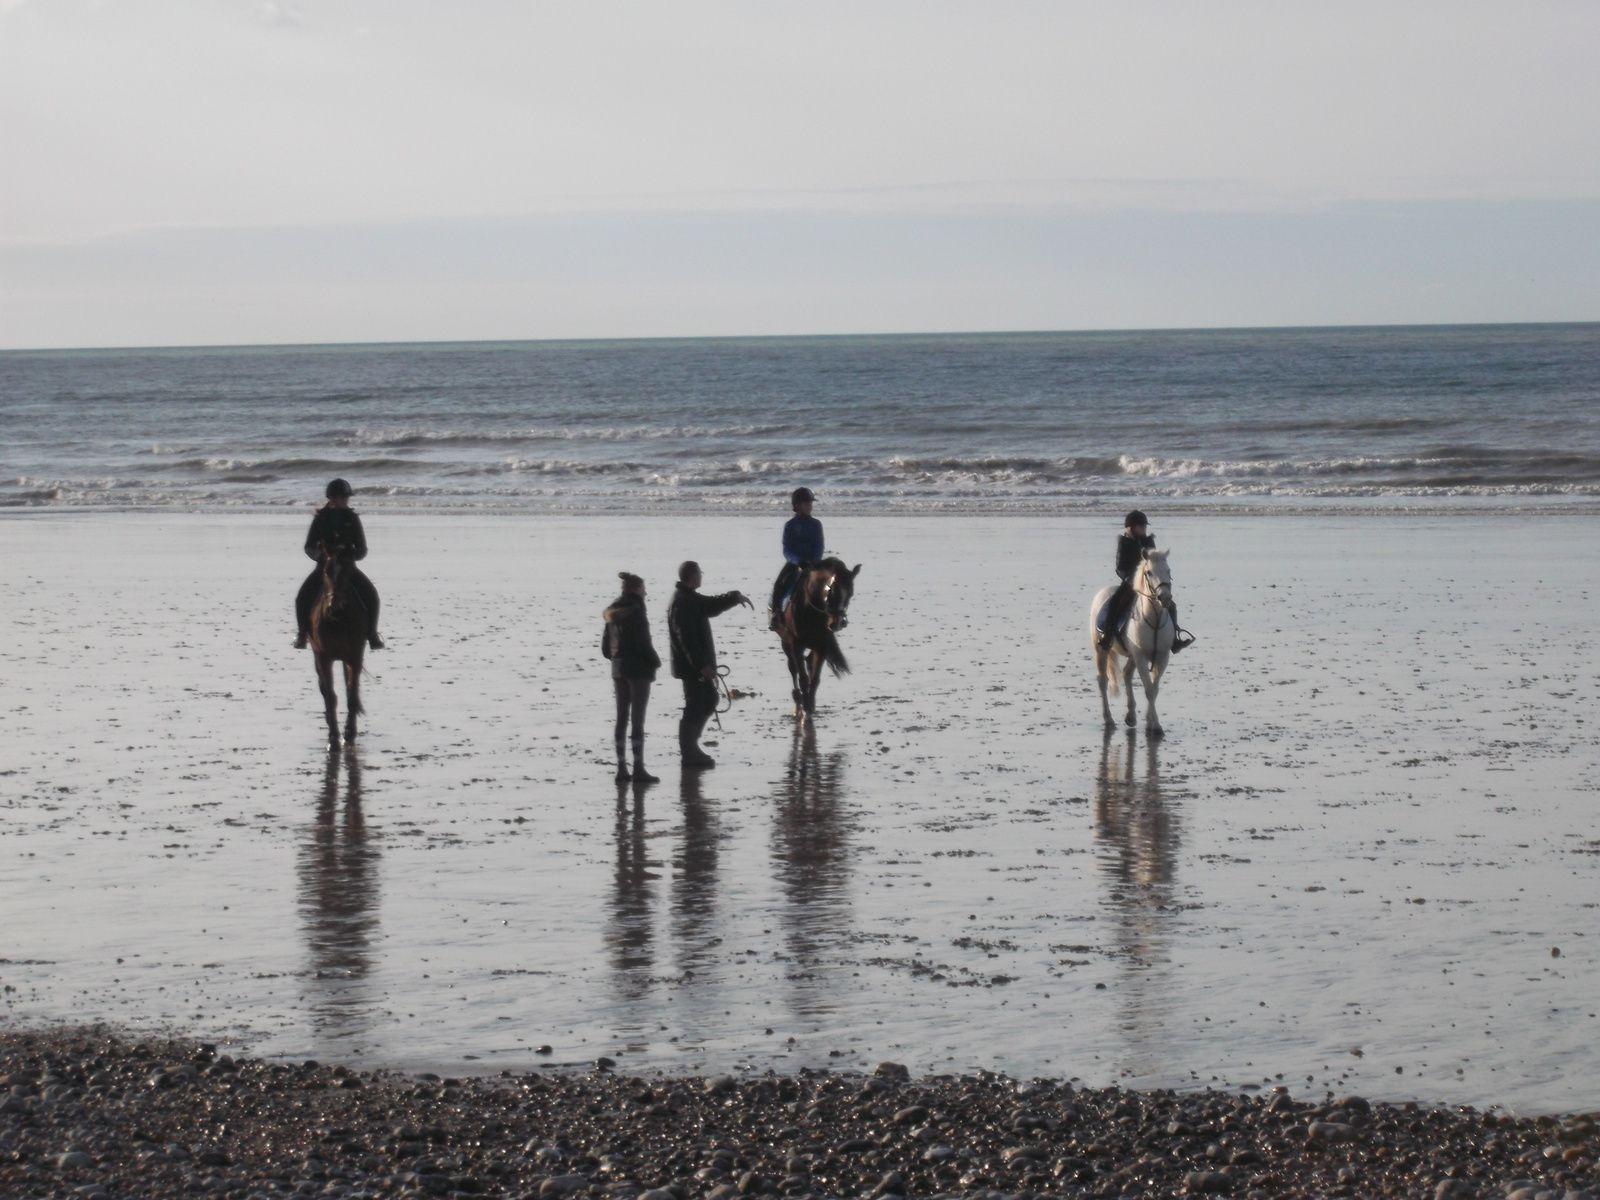 une balade sur la plage de Mers-les-Bains (80) et le joli spectacle des chevaux ...